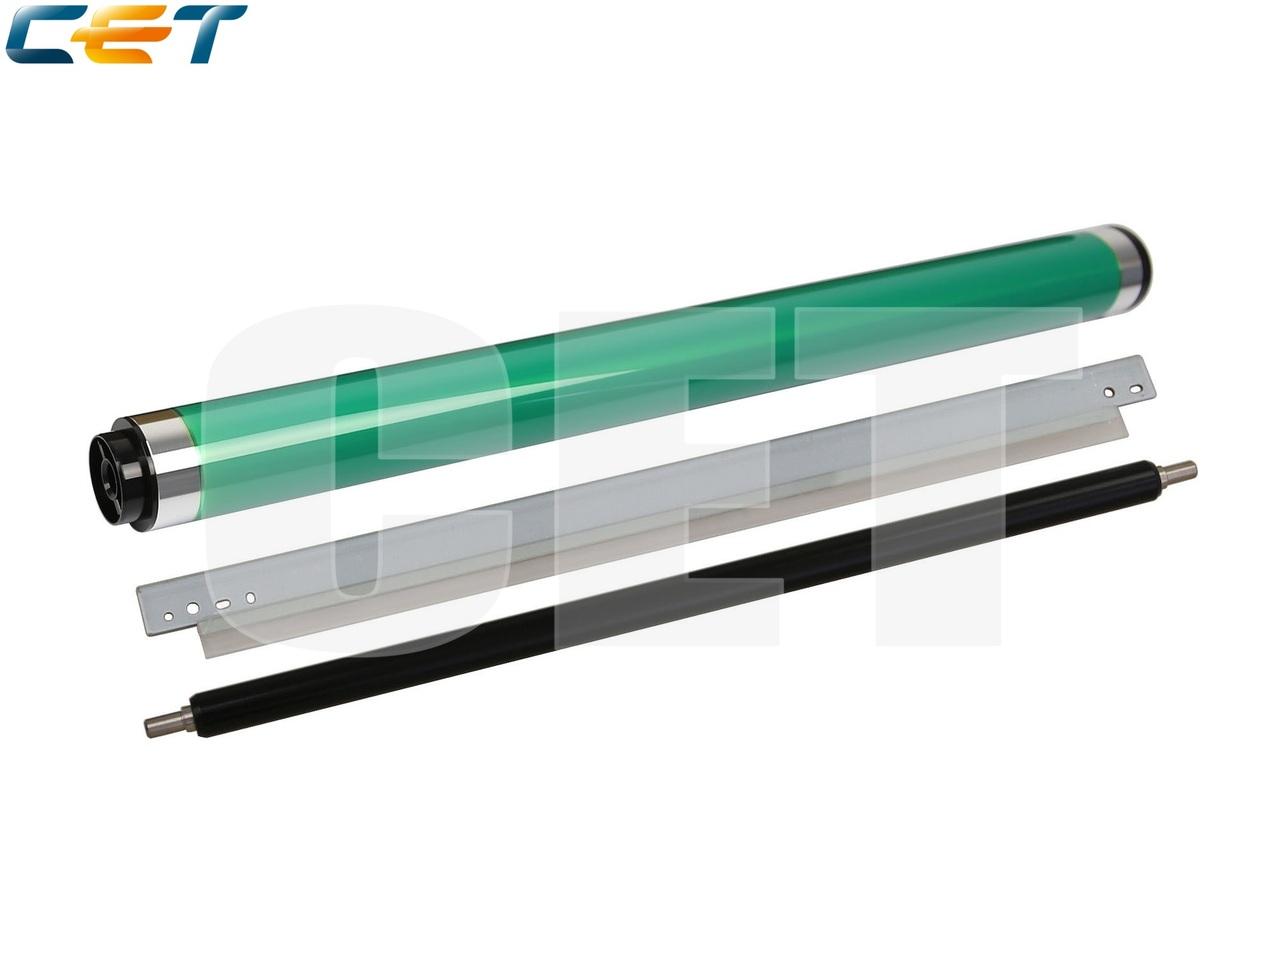 Комплект восстановления драм-юнита C-EXV32/C-EXV33 дляCANON iR2520/2525/2530/2535/2545 (CET), 150000 стр.,CET5216N